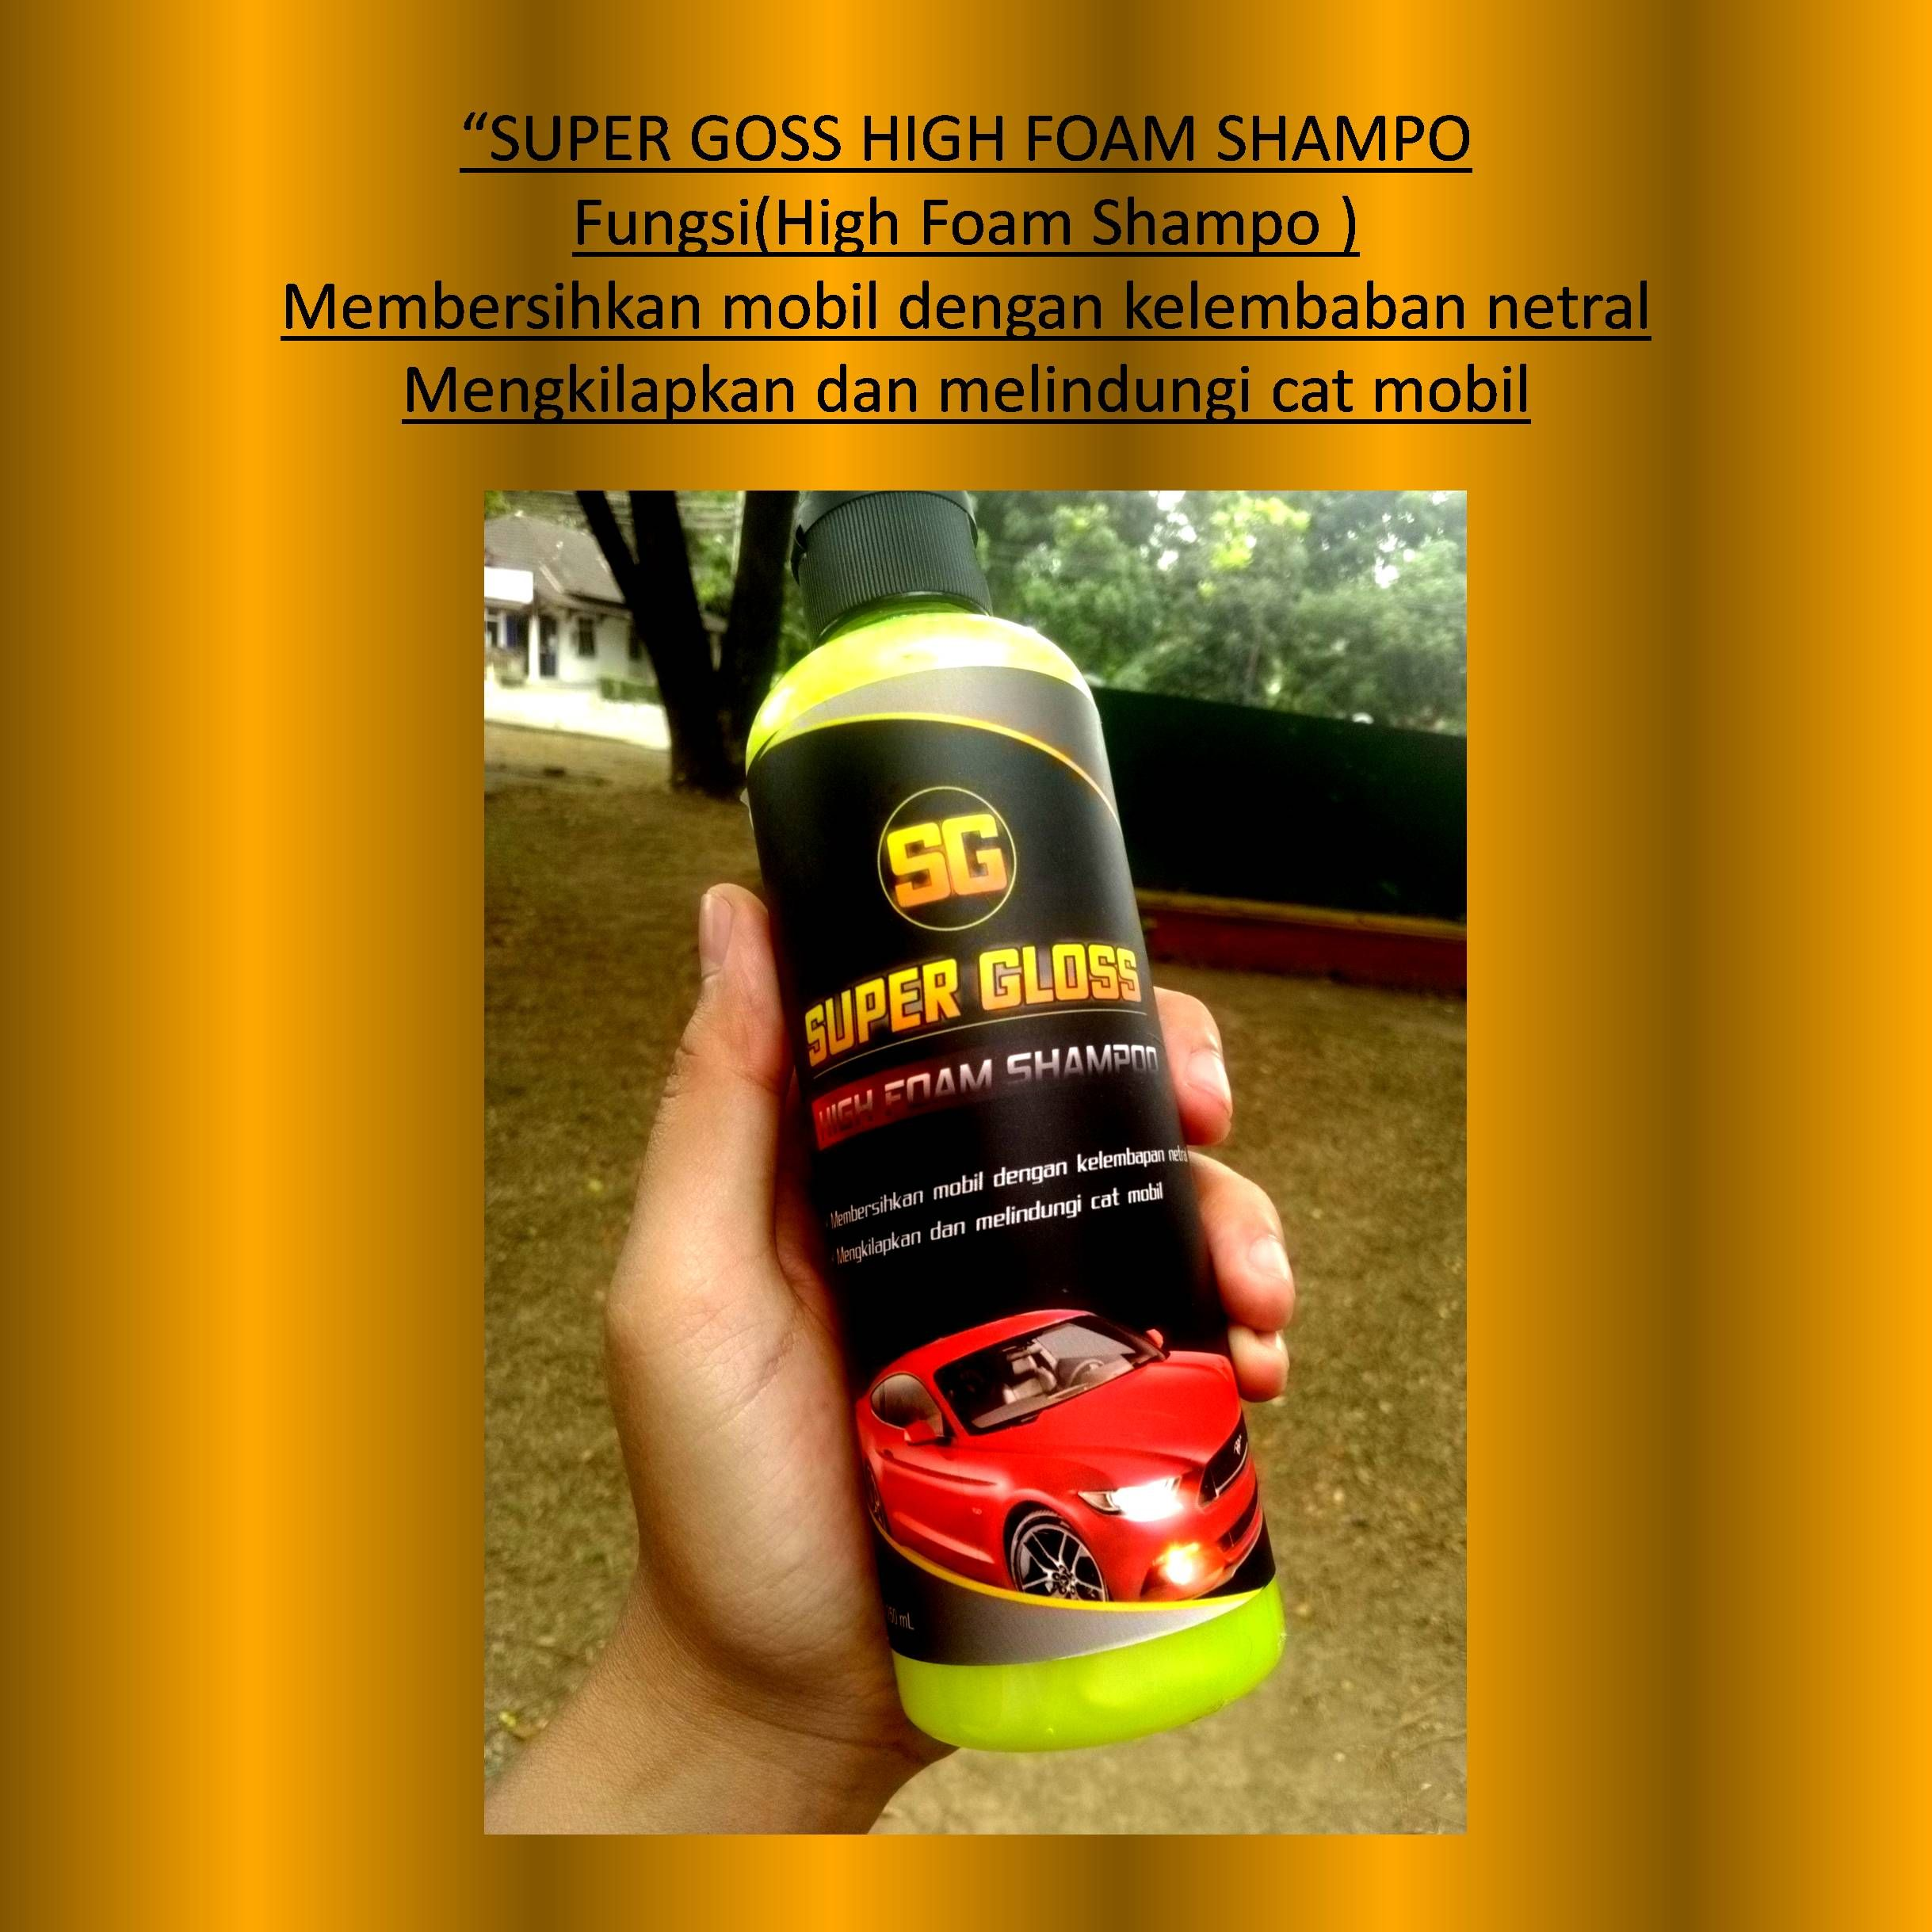 HP 08813767577 Shampo Perawatan Dan Pelindung Cat Mobil